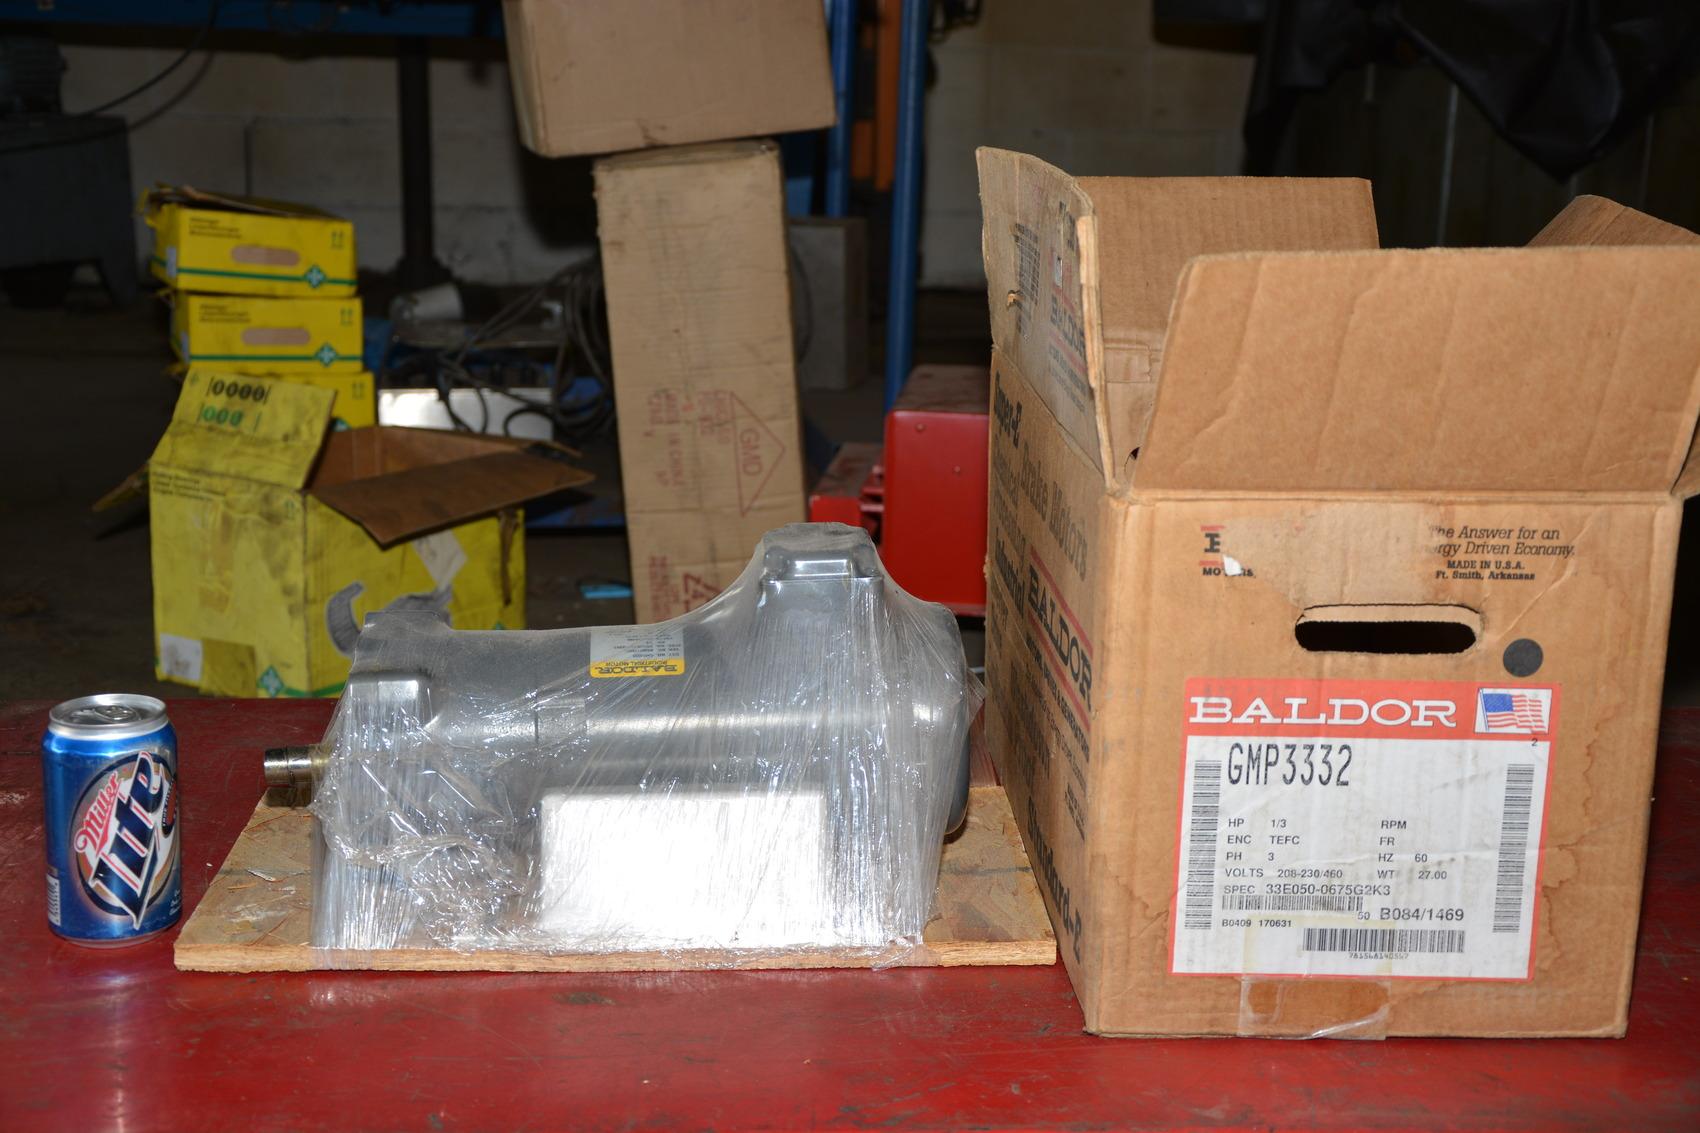 New baldor gmp3332 1 3 hp 3 60 208 230 460v ac gear motor for Baldor gear motor catalog